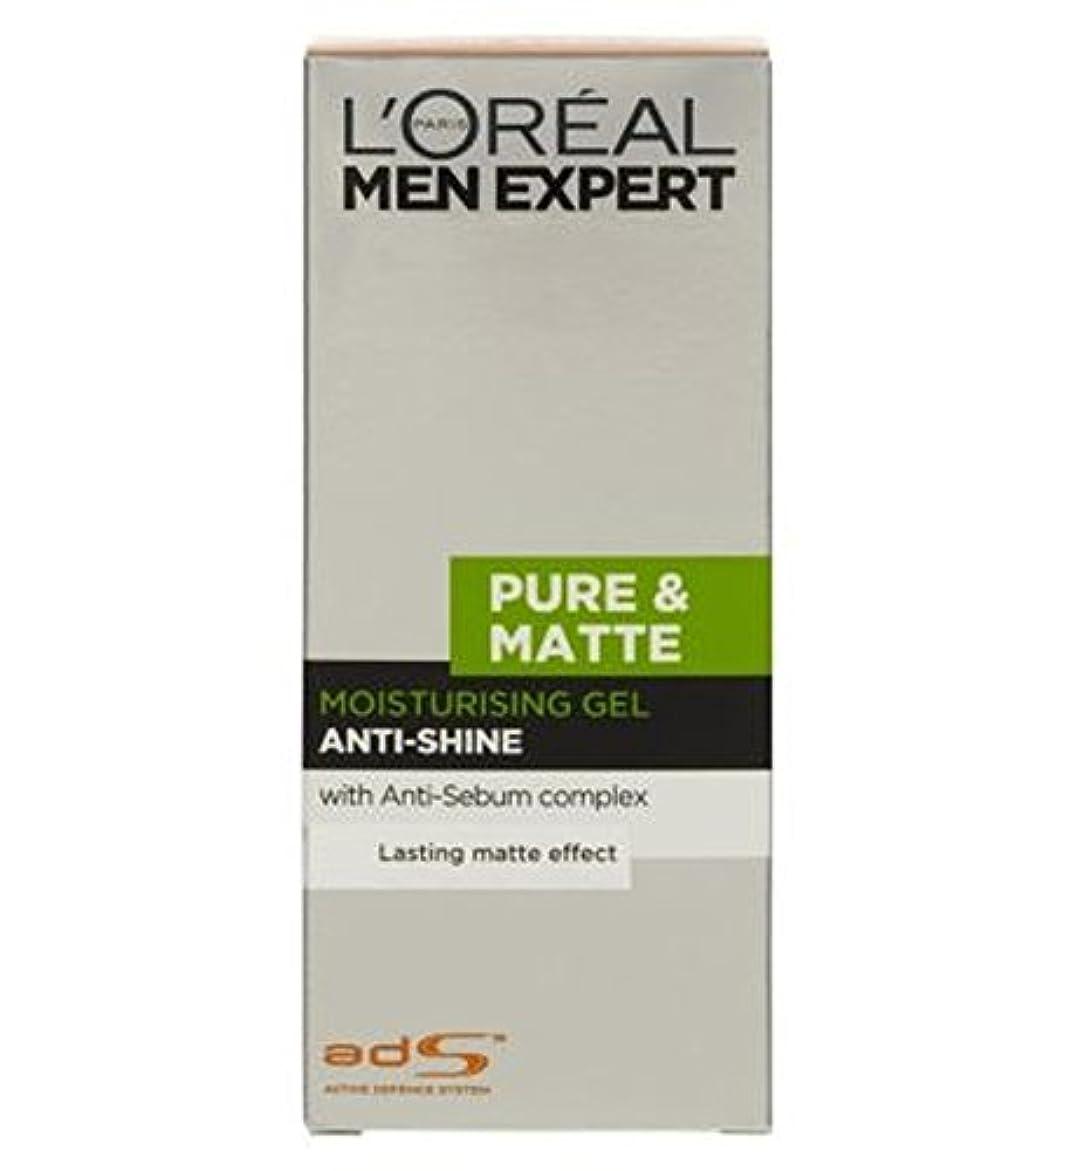 ひそかにアルバム世界的にL'Oreal Men Expert Pure & Matte Anti-Shine Moisturising Gel 50ml - ロレアルの男性の専門家純粋&マット抗輝き保湿ゲル50ミリリットル (L'Oreal) [並行輸入品]